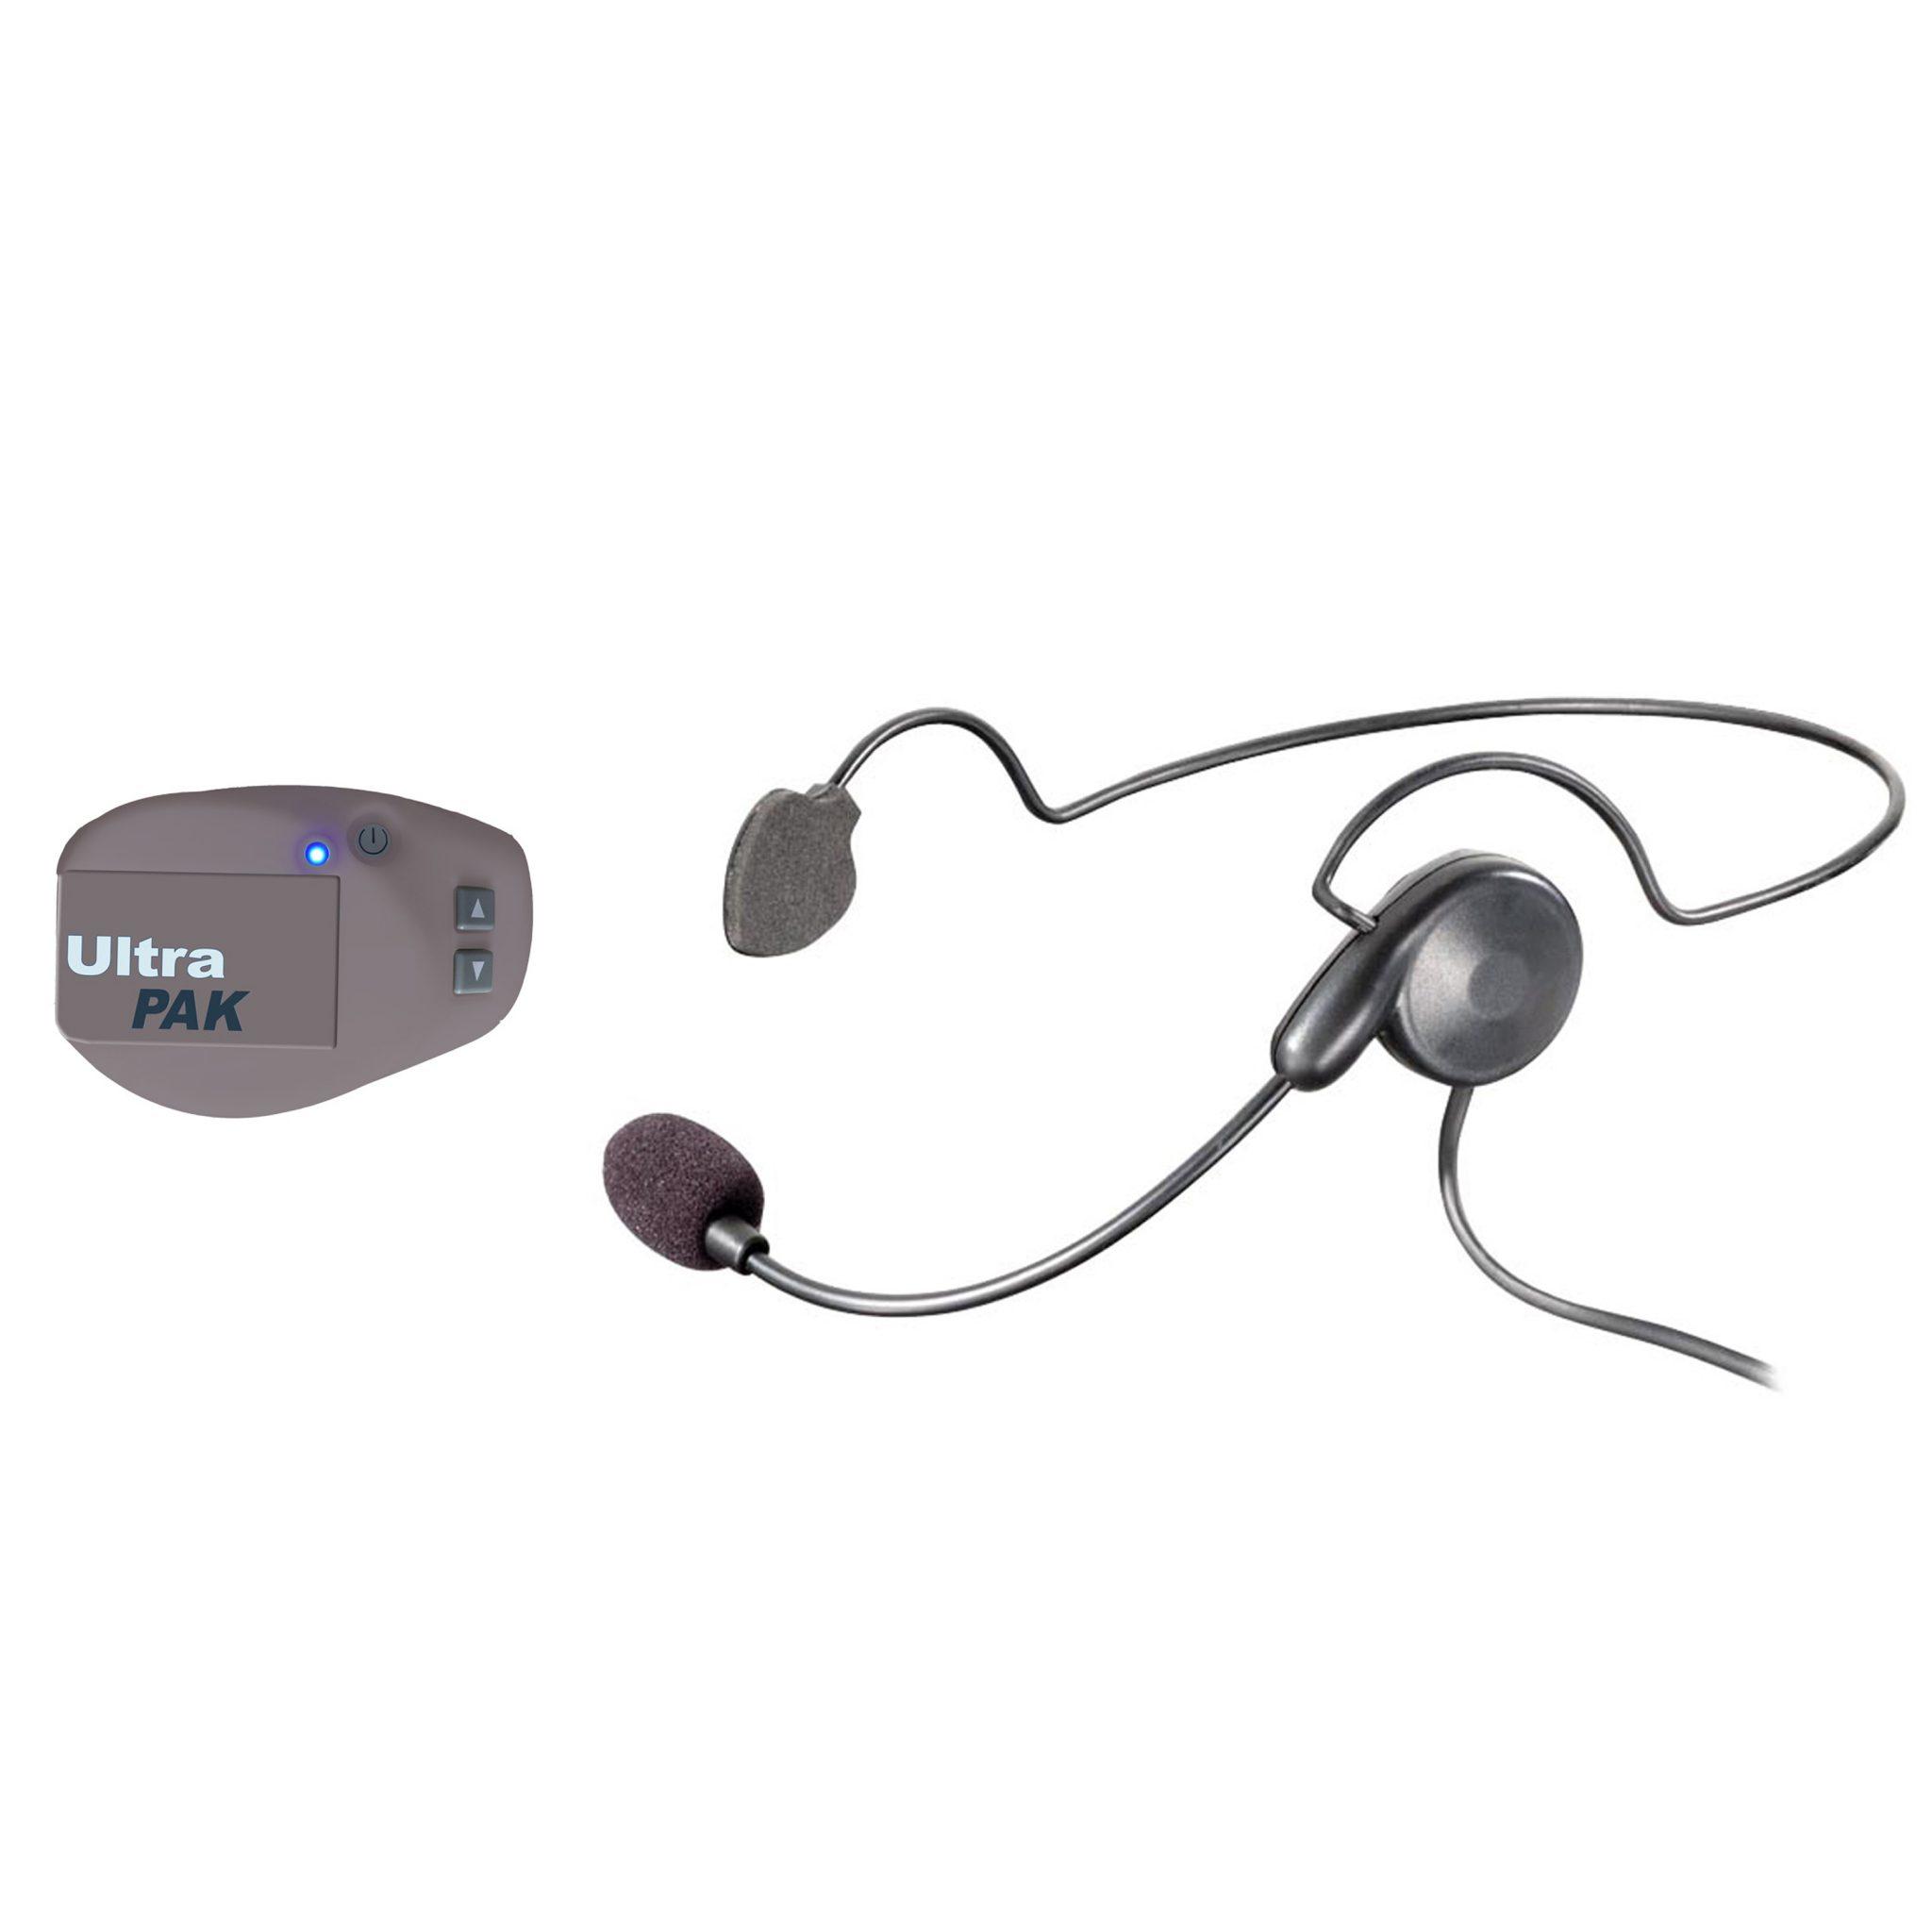 UltraPAK Wireless Headsets